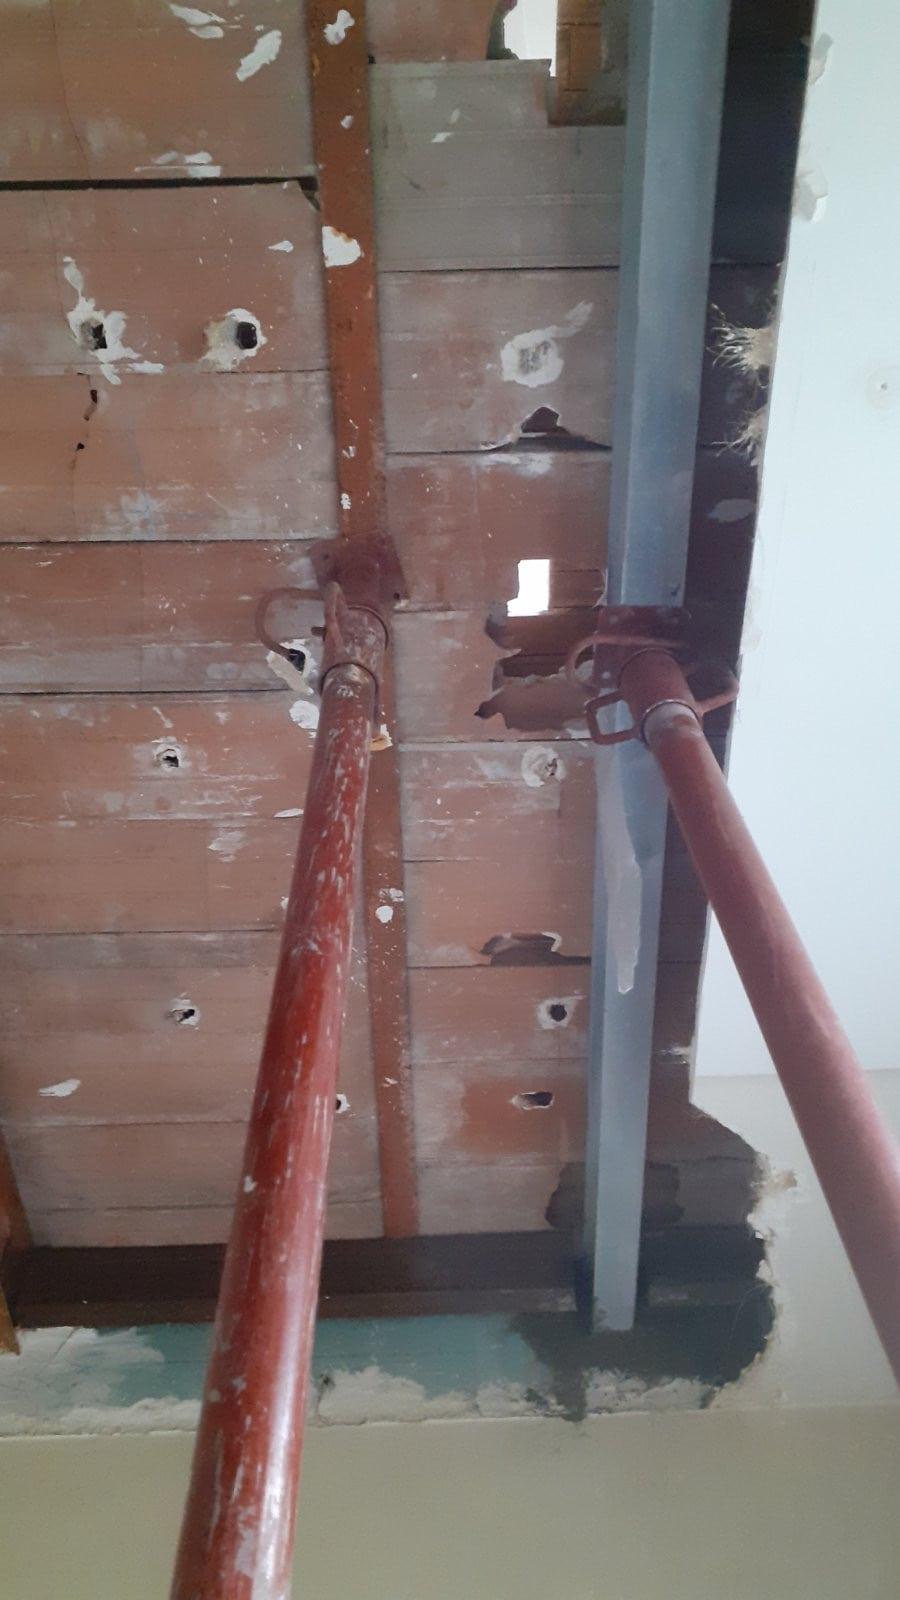 Création de trémie d'escalier pour relier 2 étages RDC et R+1. Renforcement par structure métallique. - Structure métallique